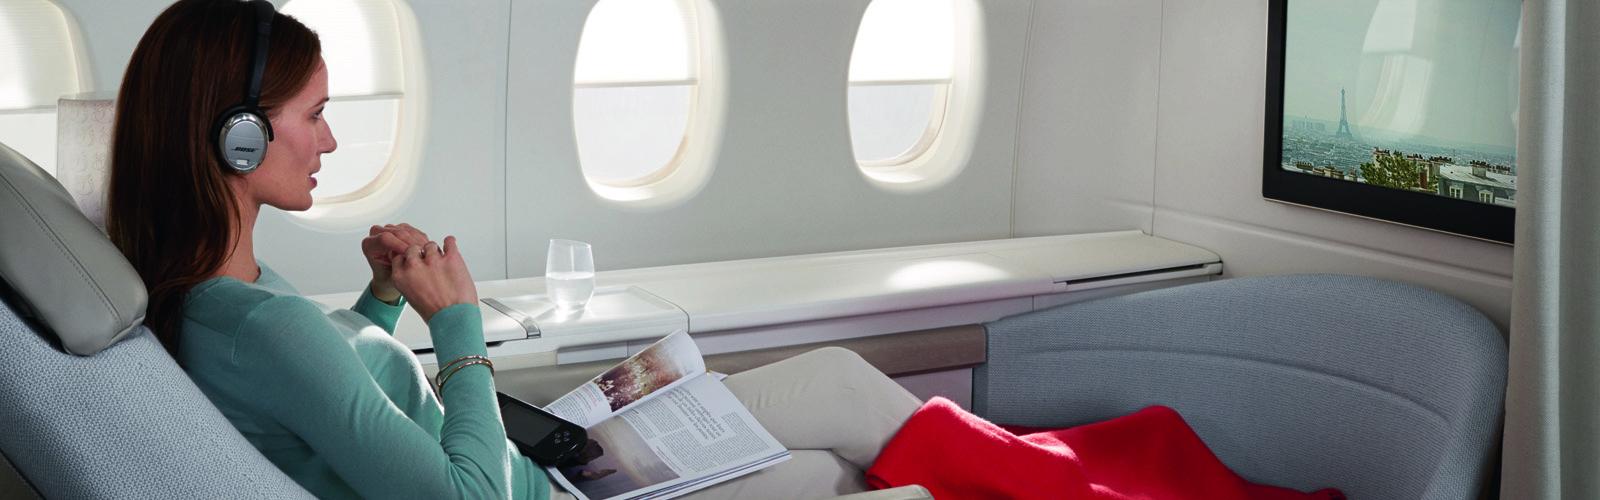 Conseils pour un voyage confortable en avion